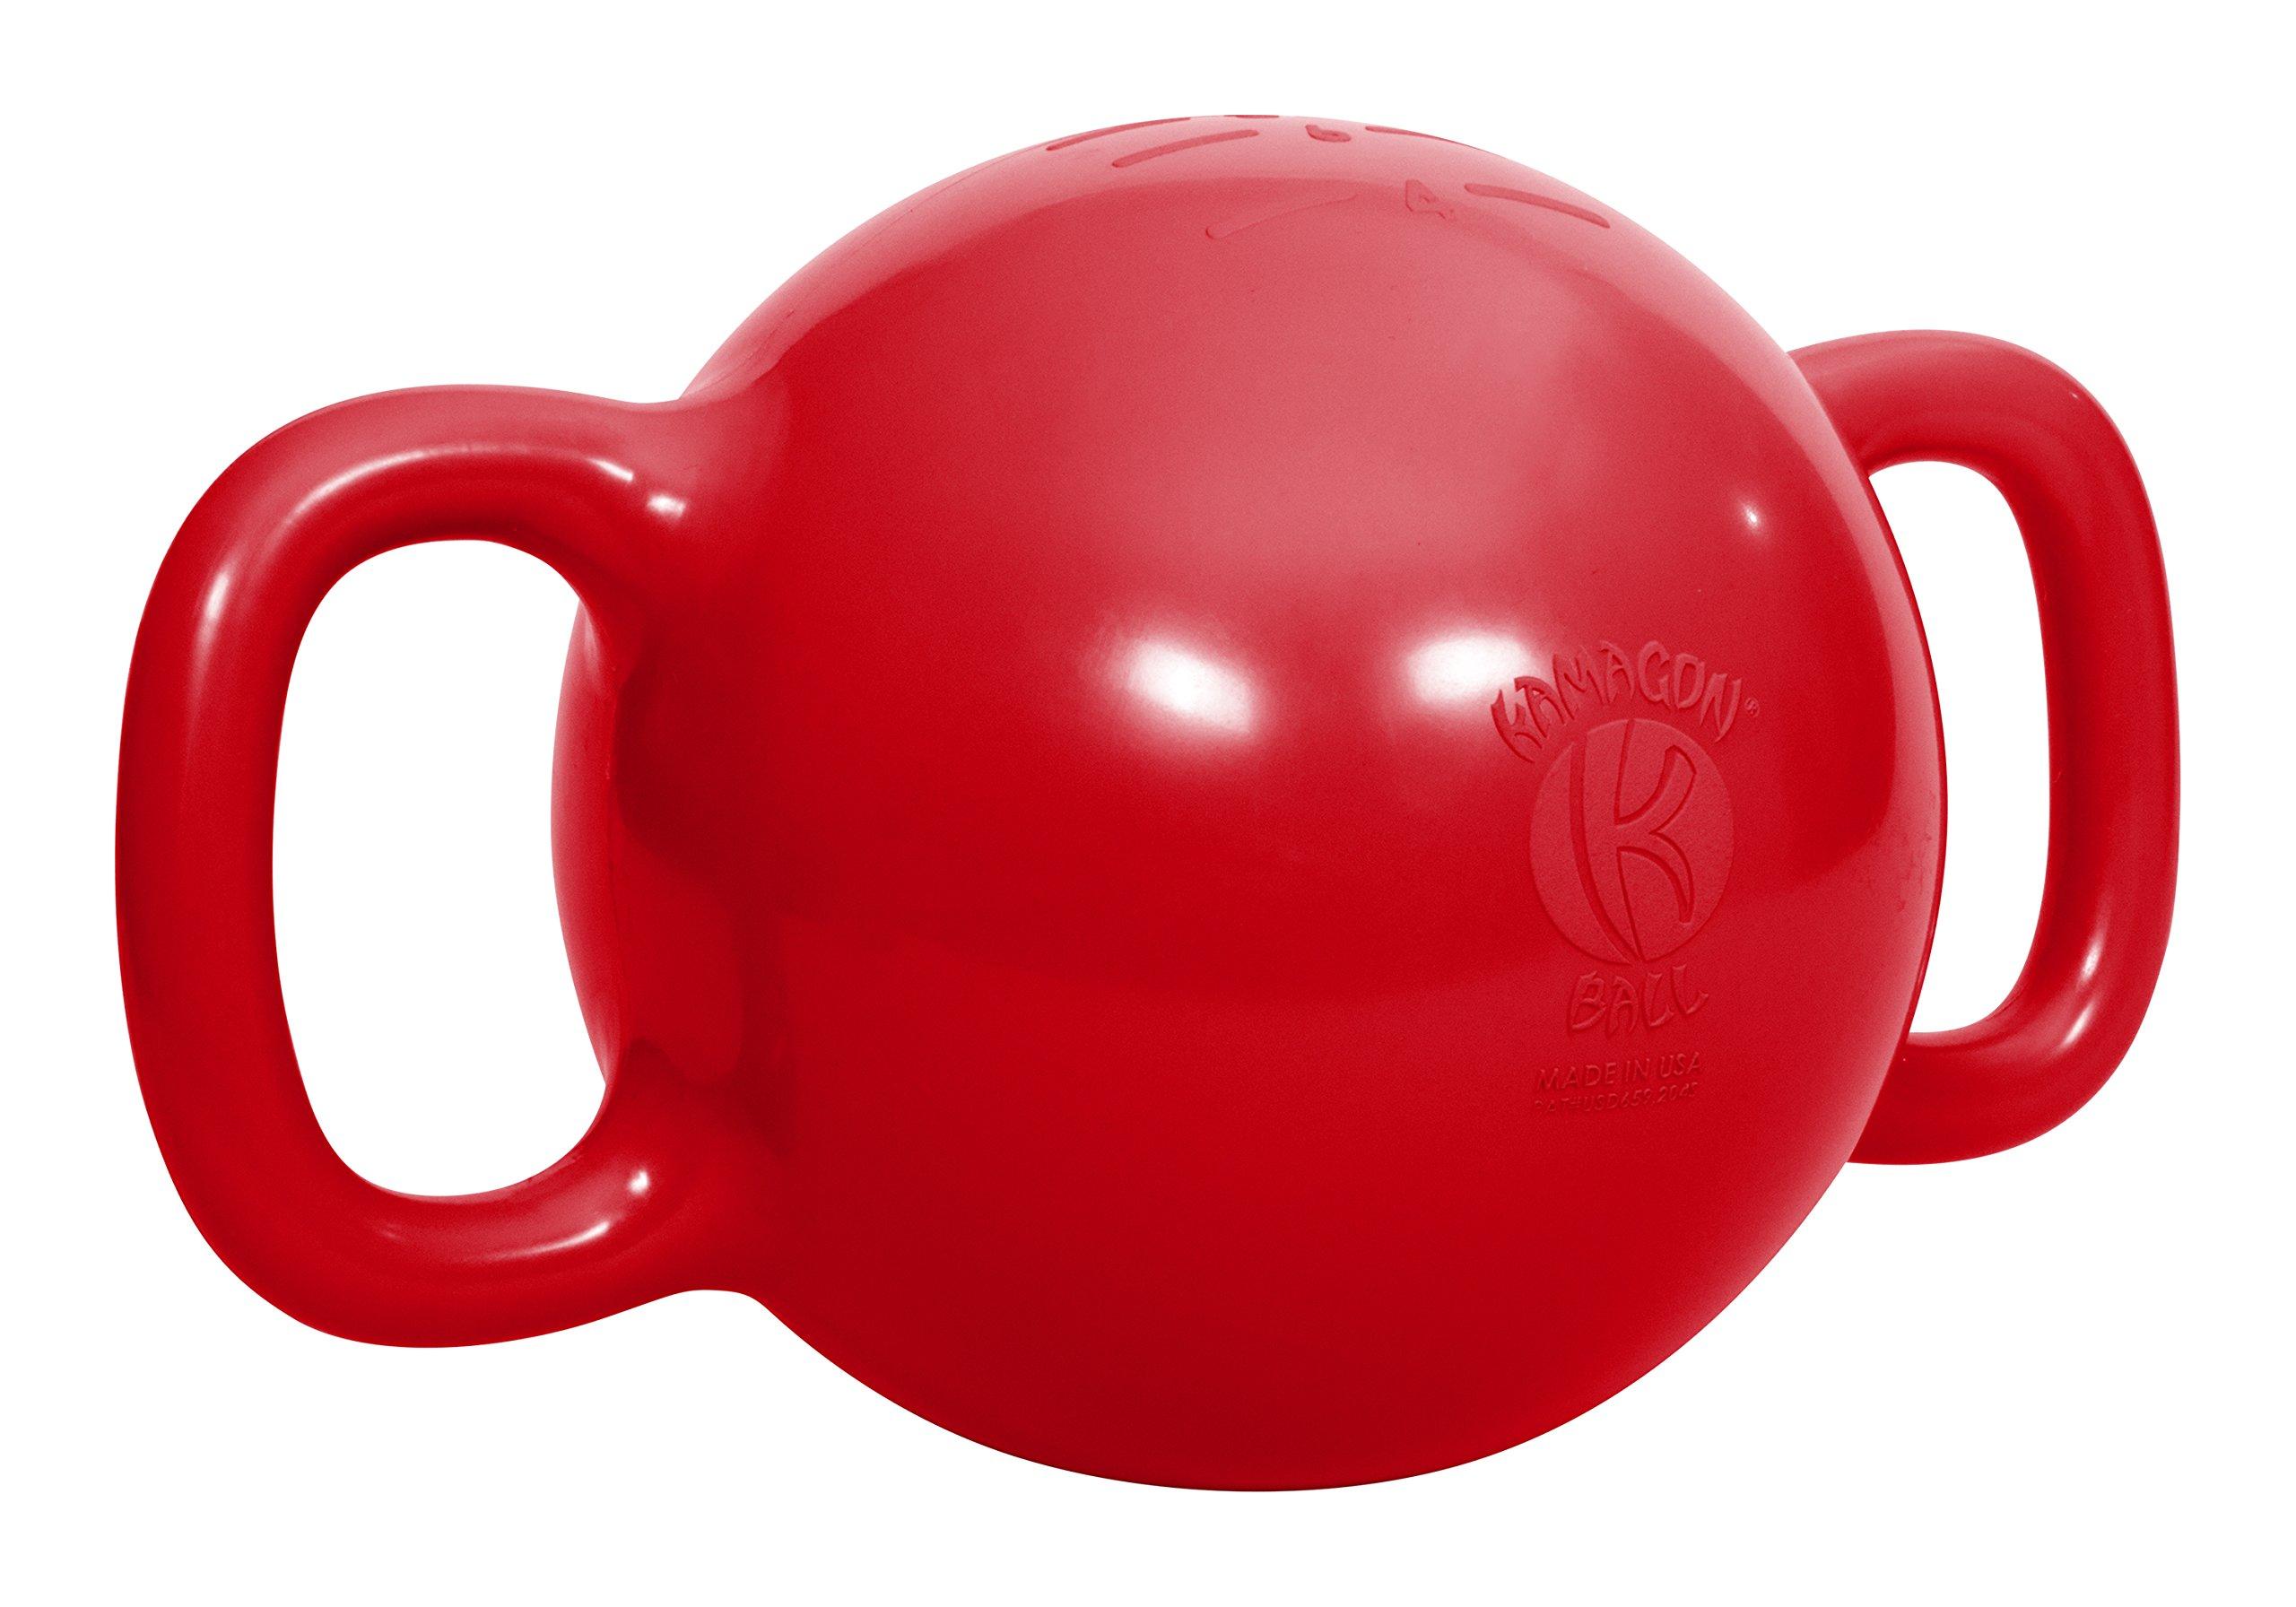 Kamagon 9'' Ball - Red